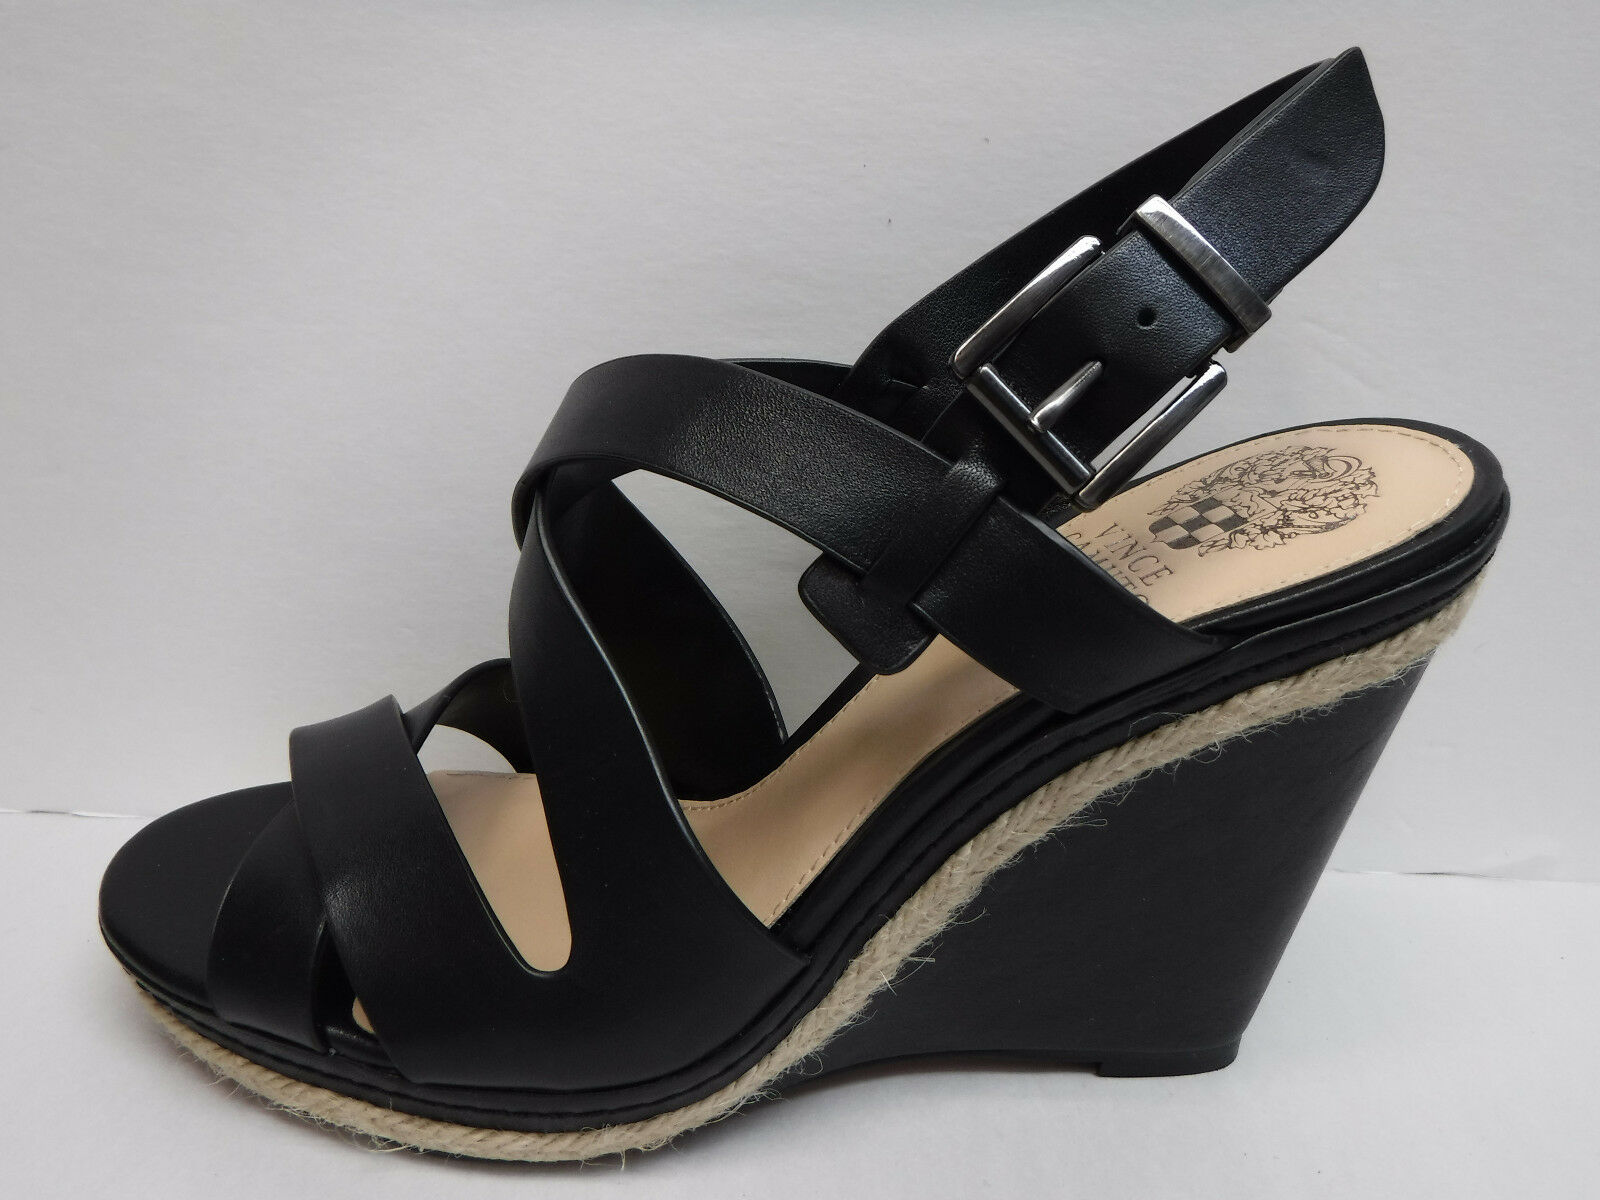 Vince Camuto Tacos Cuña De Cuero Negro Nuevos Zapatos para mujer